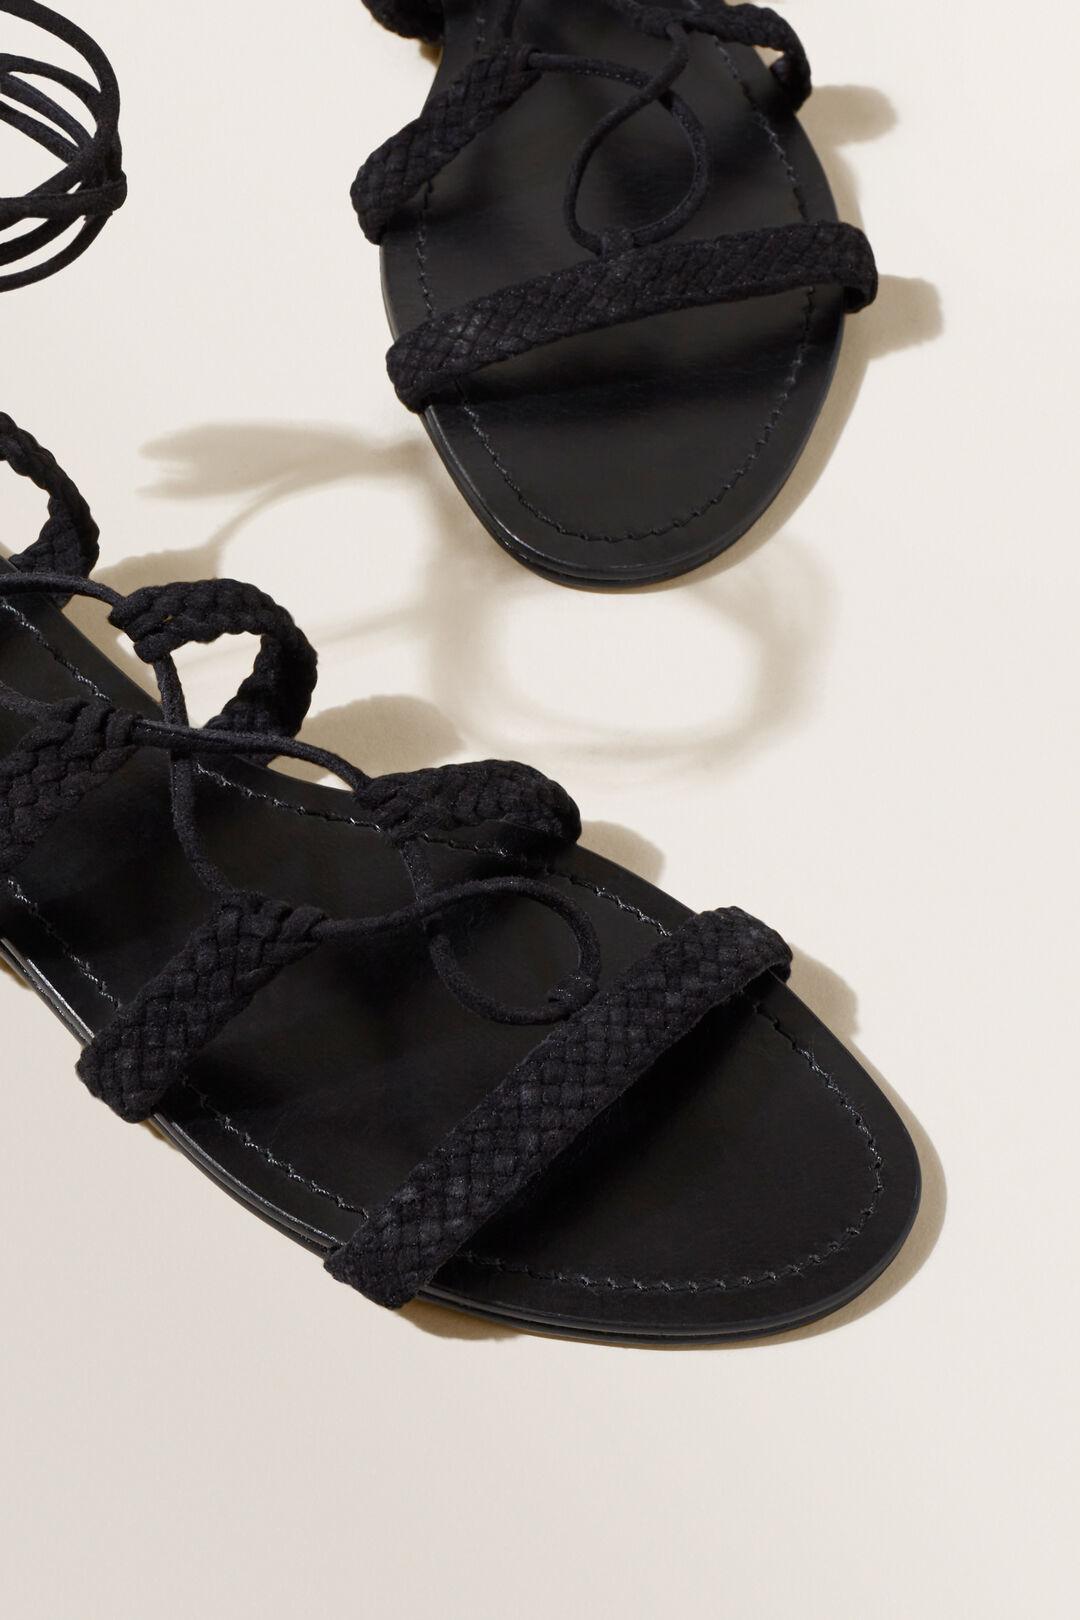 Gianna Gladiator Sandal  BLACK SUEDE  hi-res